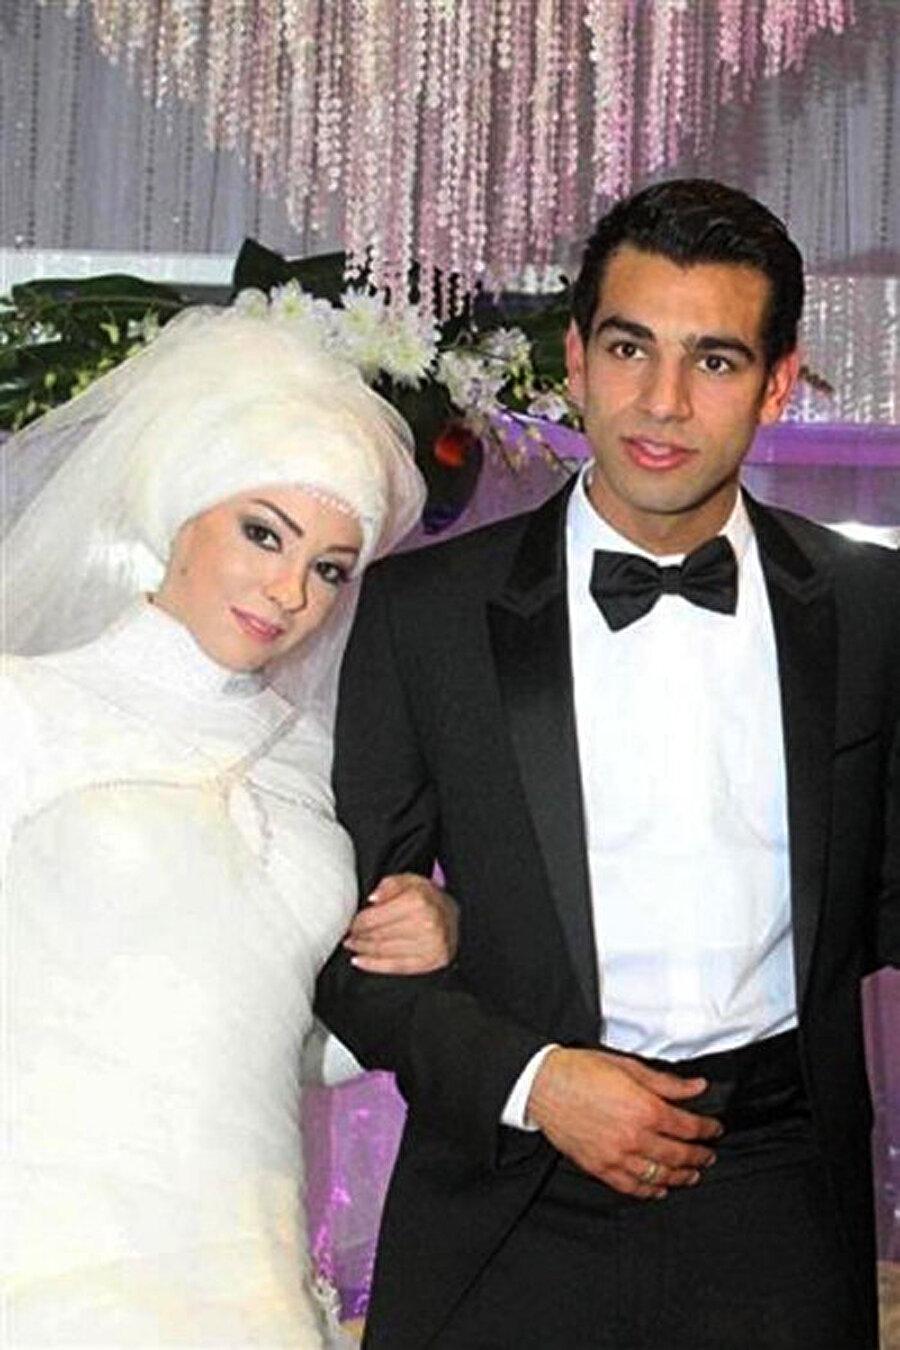 2013 yılında dünya evine girdi                                                                           Muhammed Salan 2013 yılında yaşamını Magi Salah ile birleştirdi.